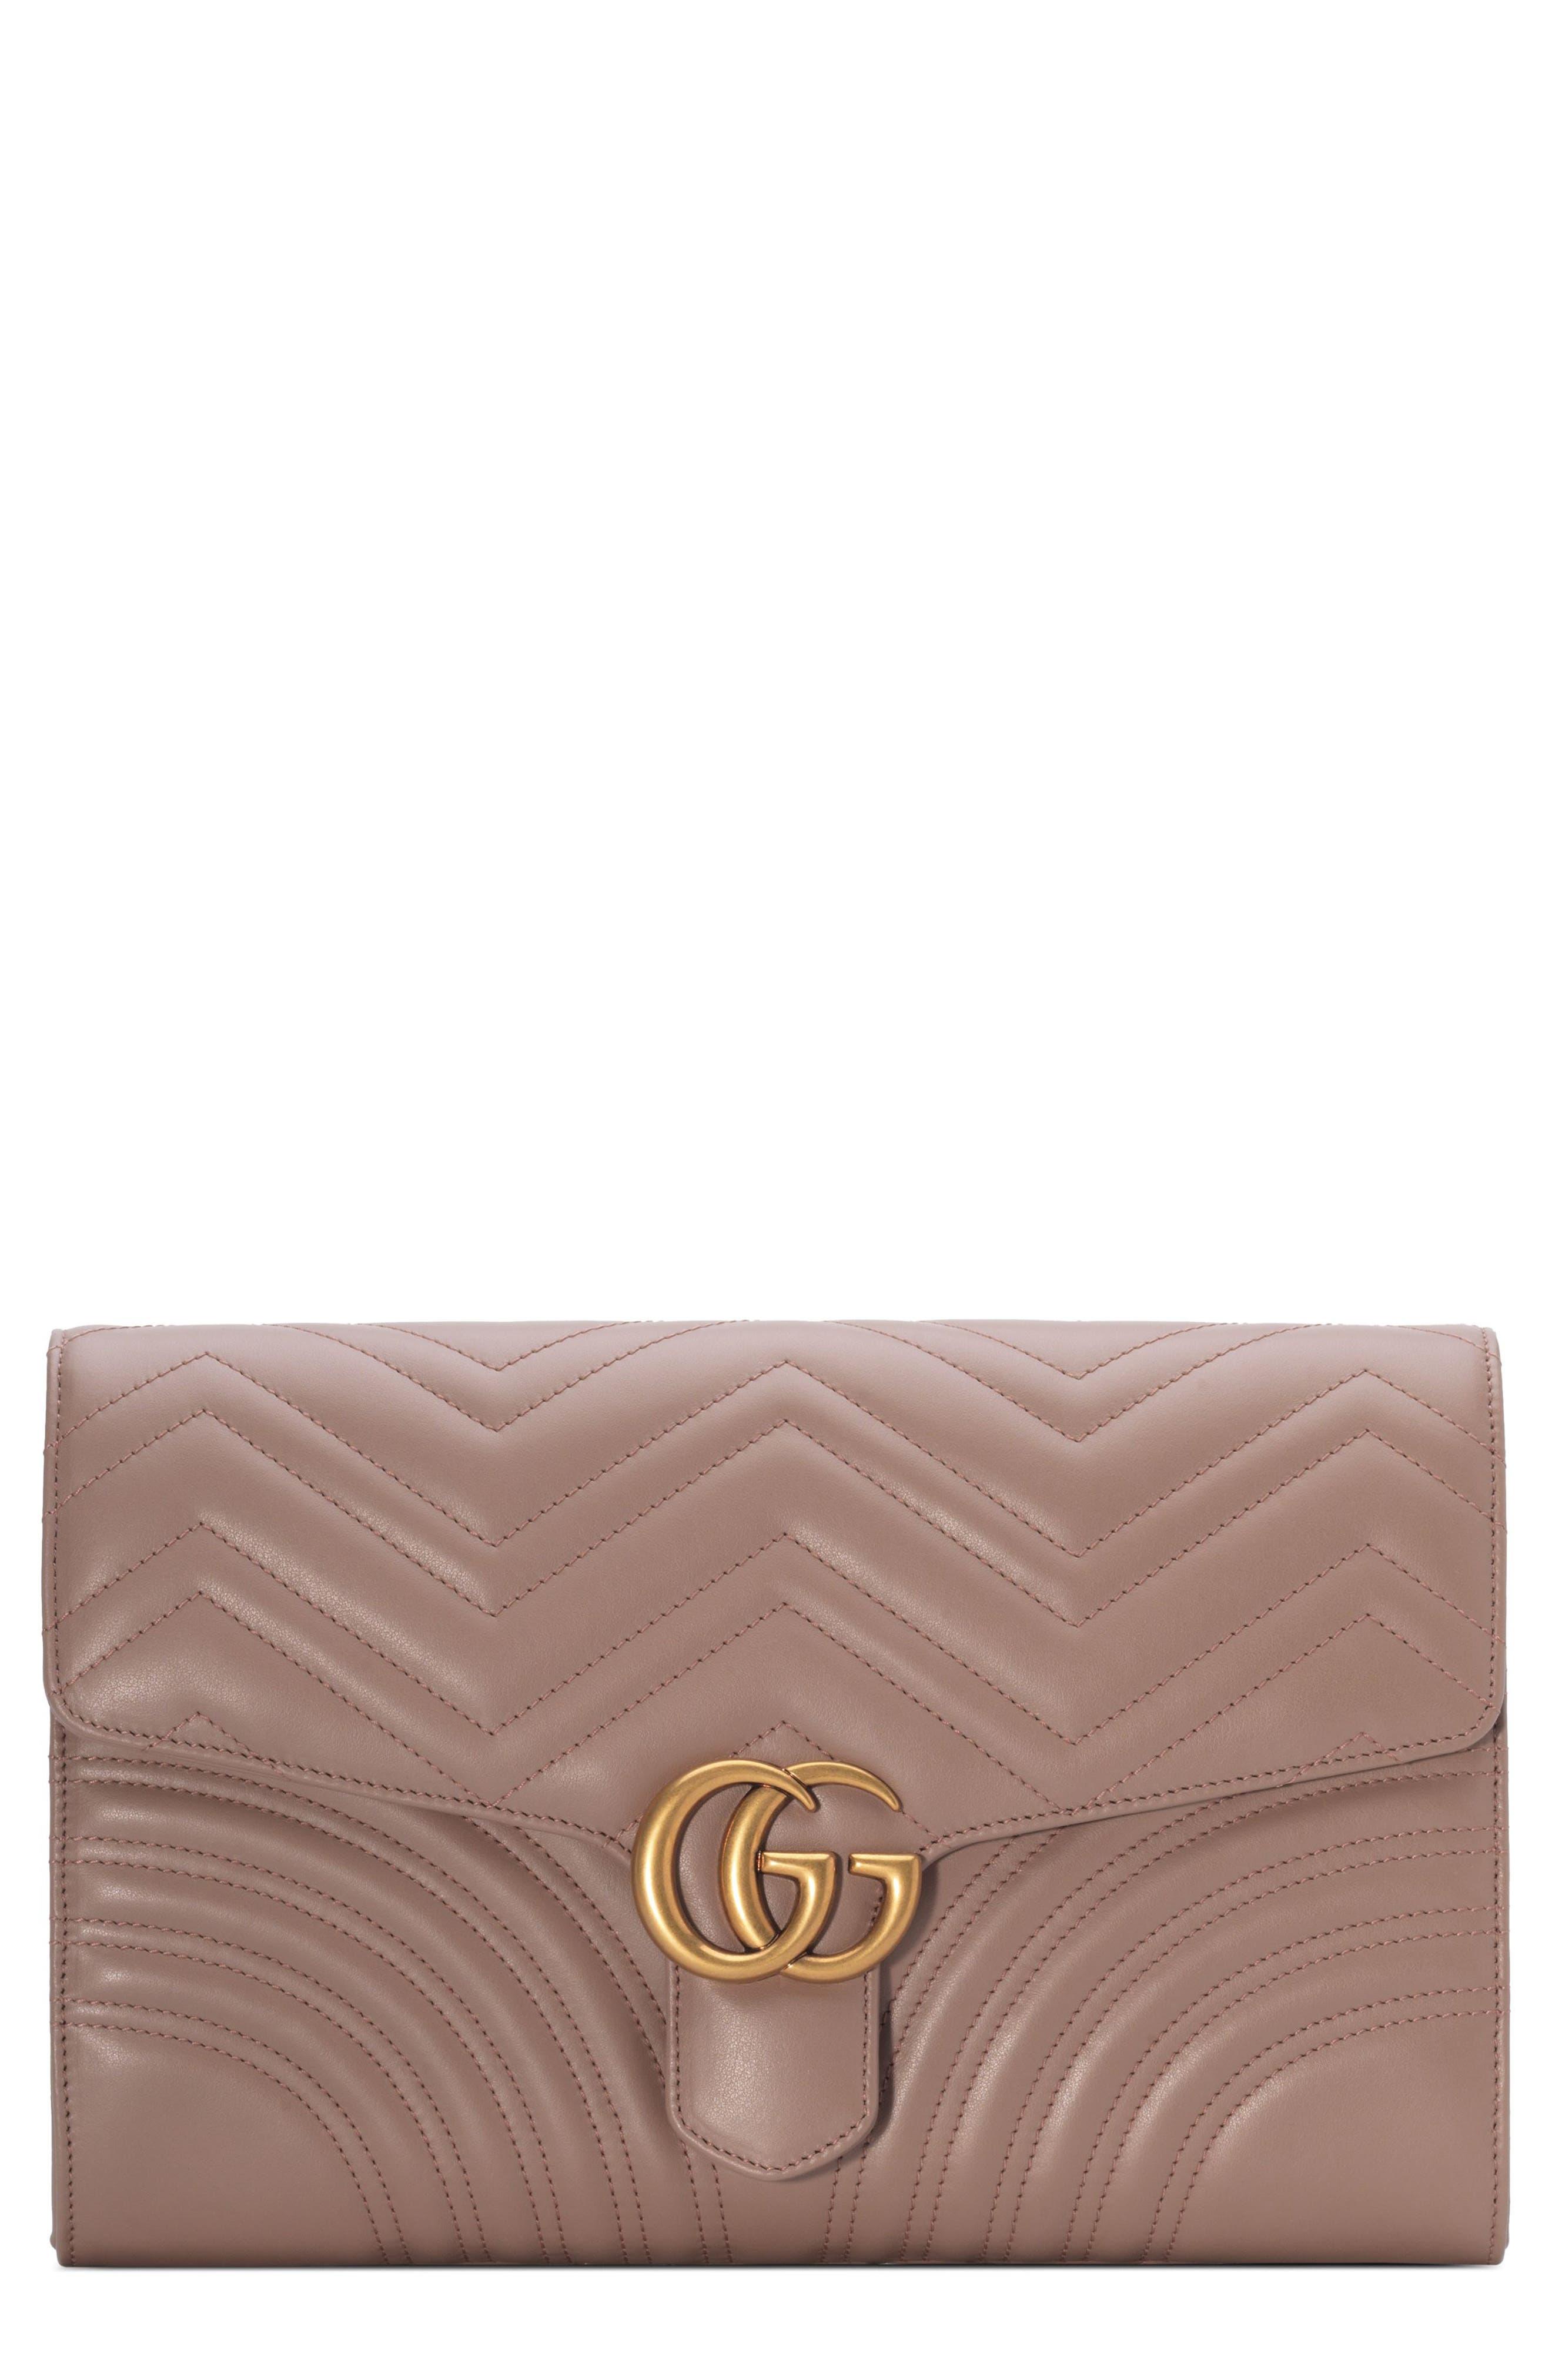 GG Marmont 2.0 Matelassé Leather Clutch,                             Main thumbnail 3, color,